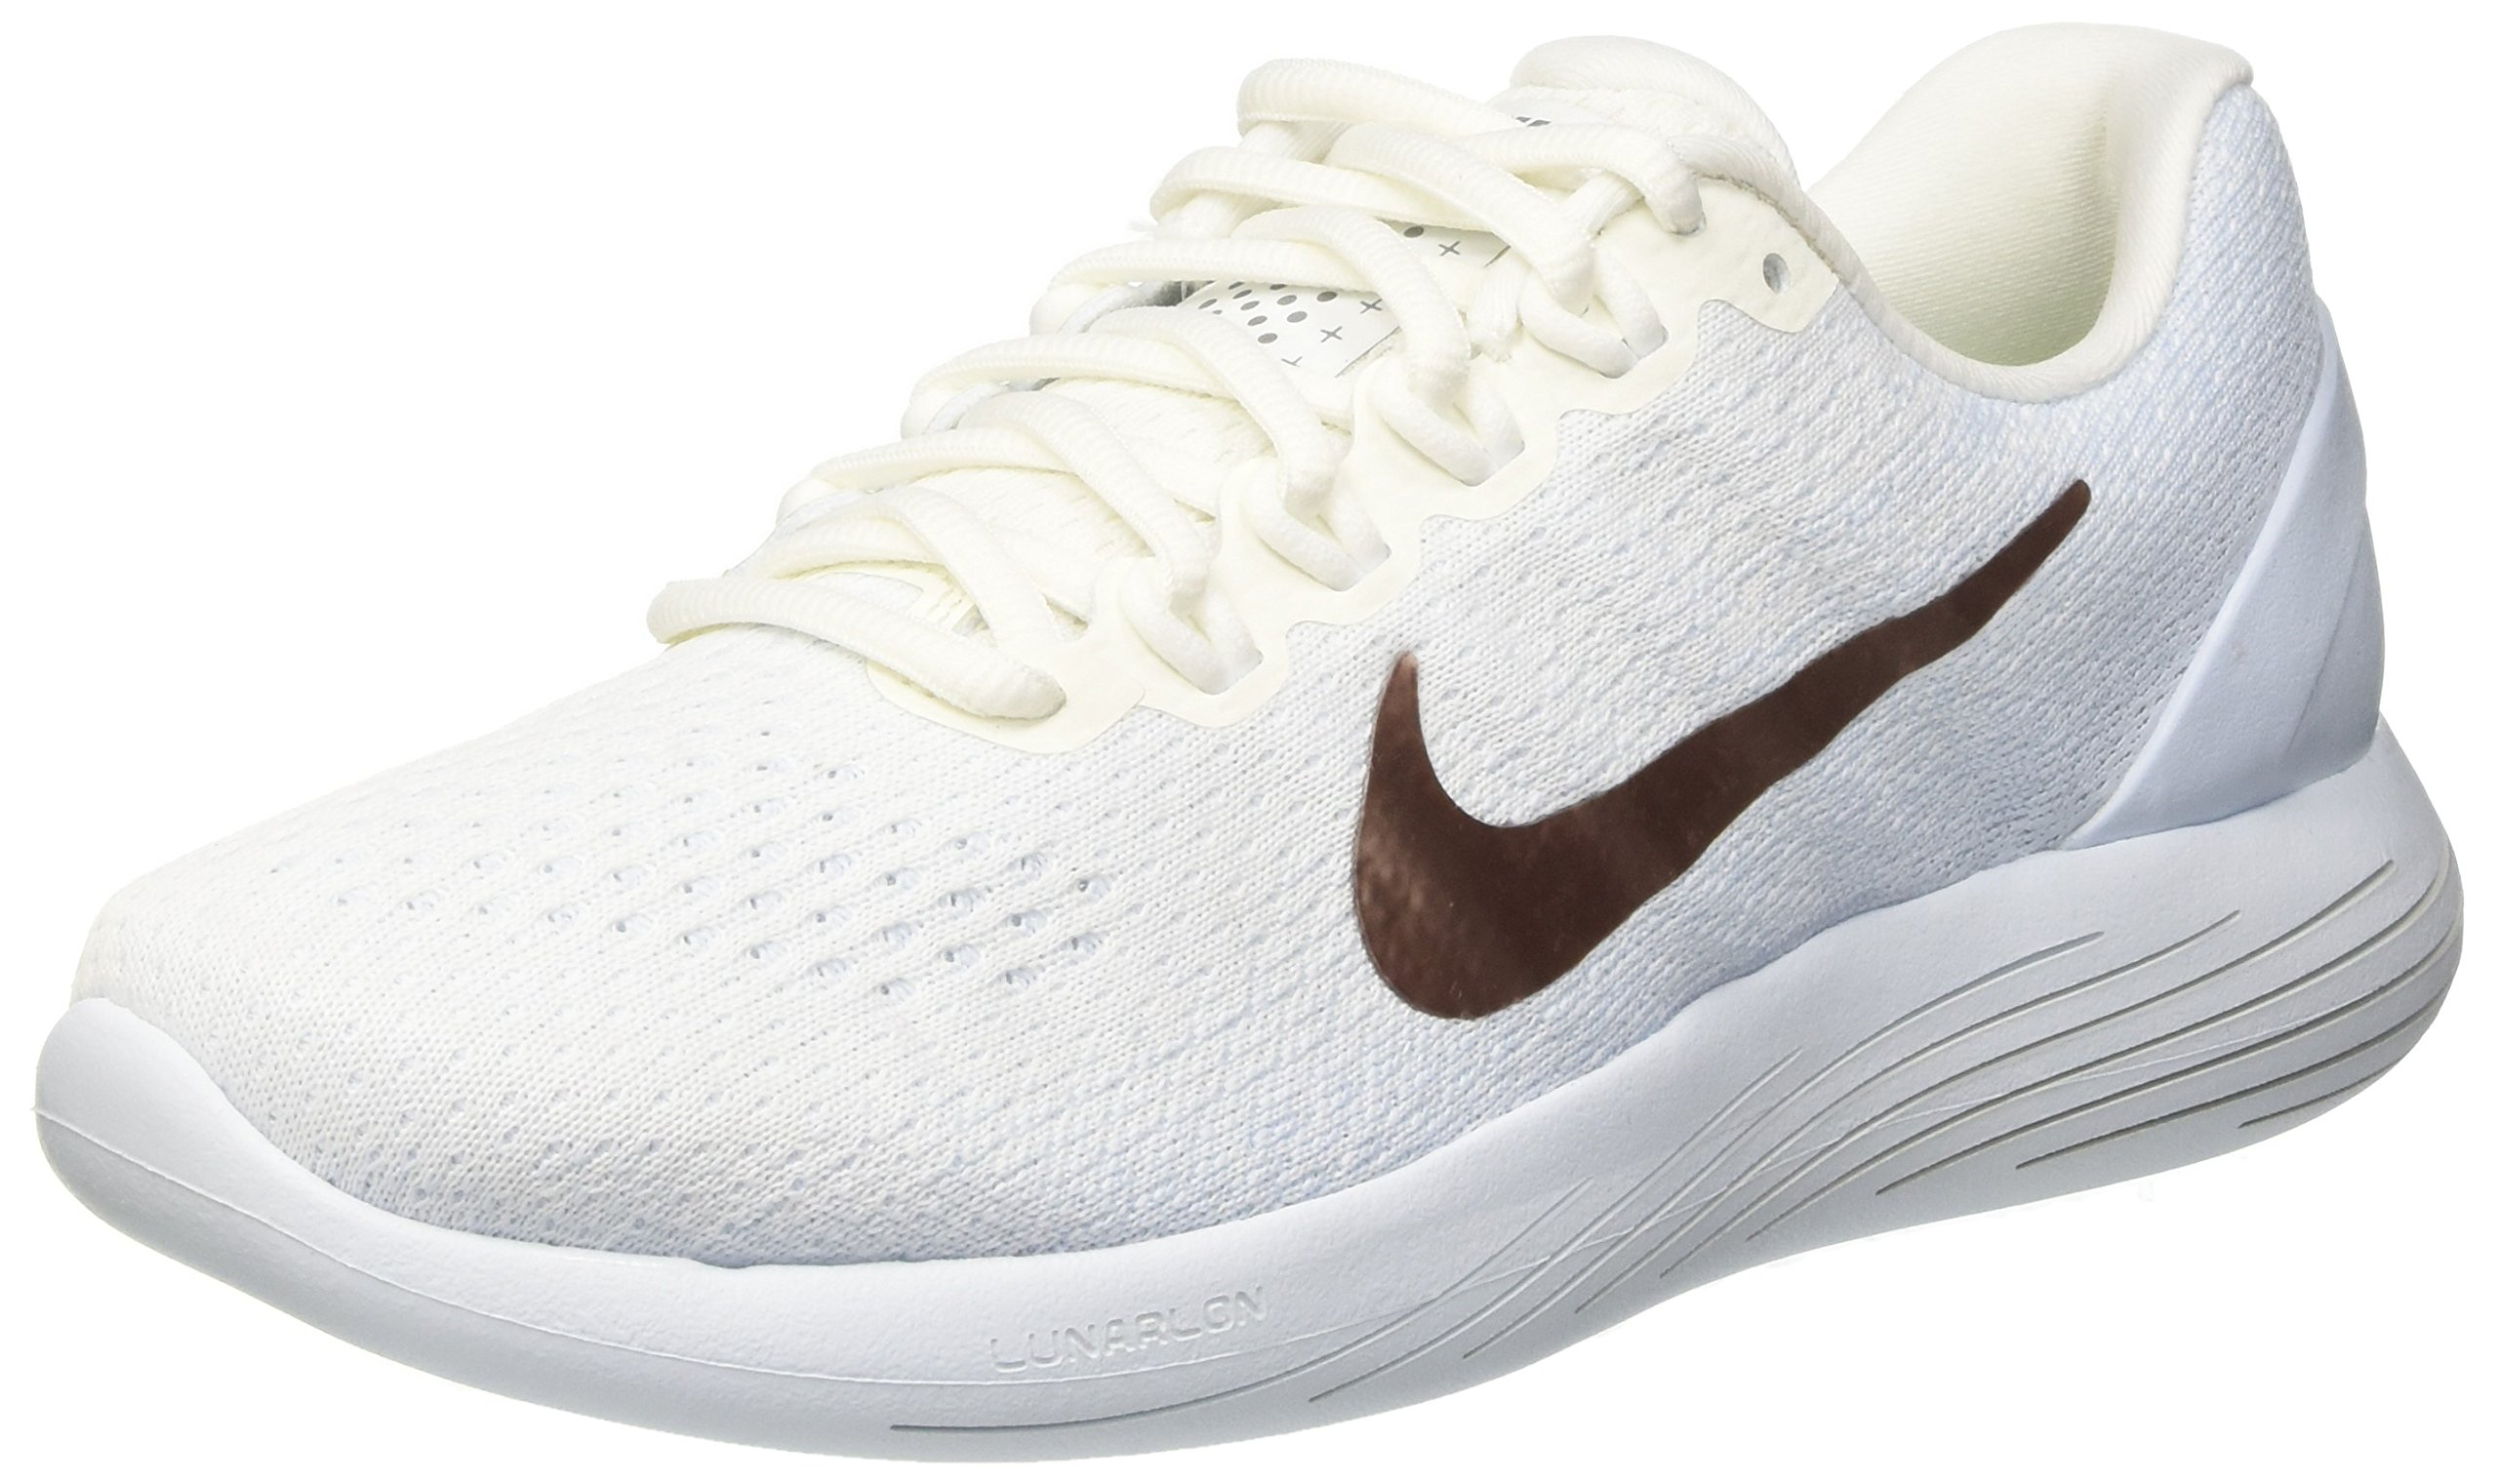 WMNS Lunarglide 9 X-plore Running Shoes